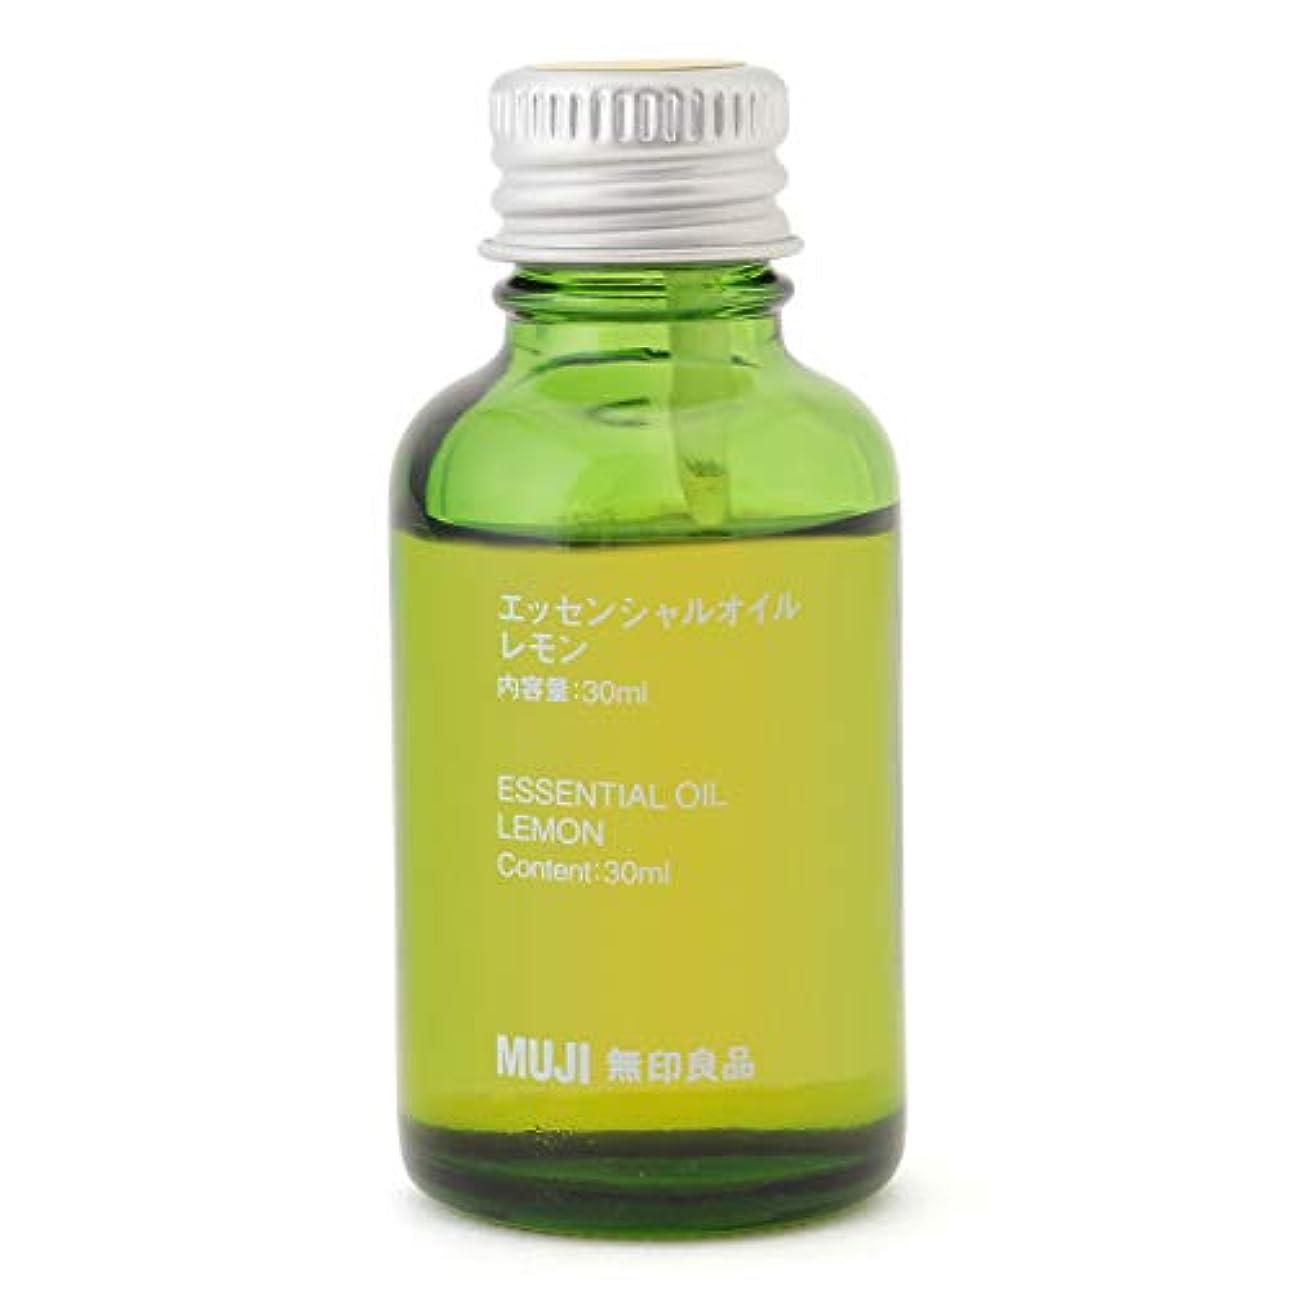 不純はげホール【無印良品】エッセンシャルオイル30ml(レモン)